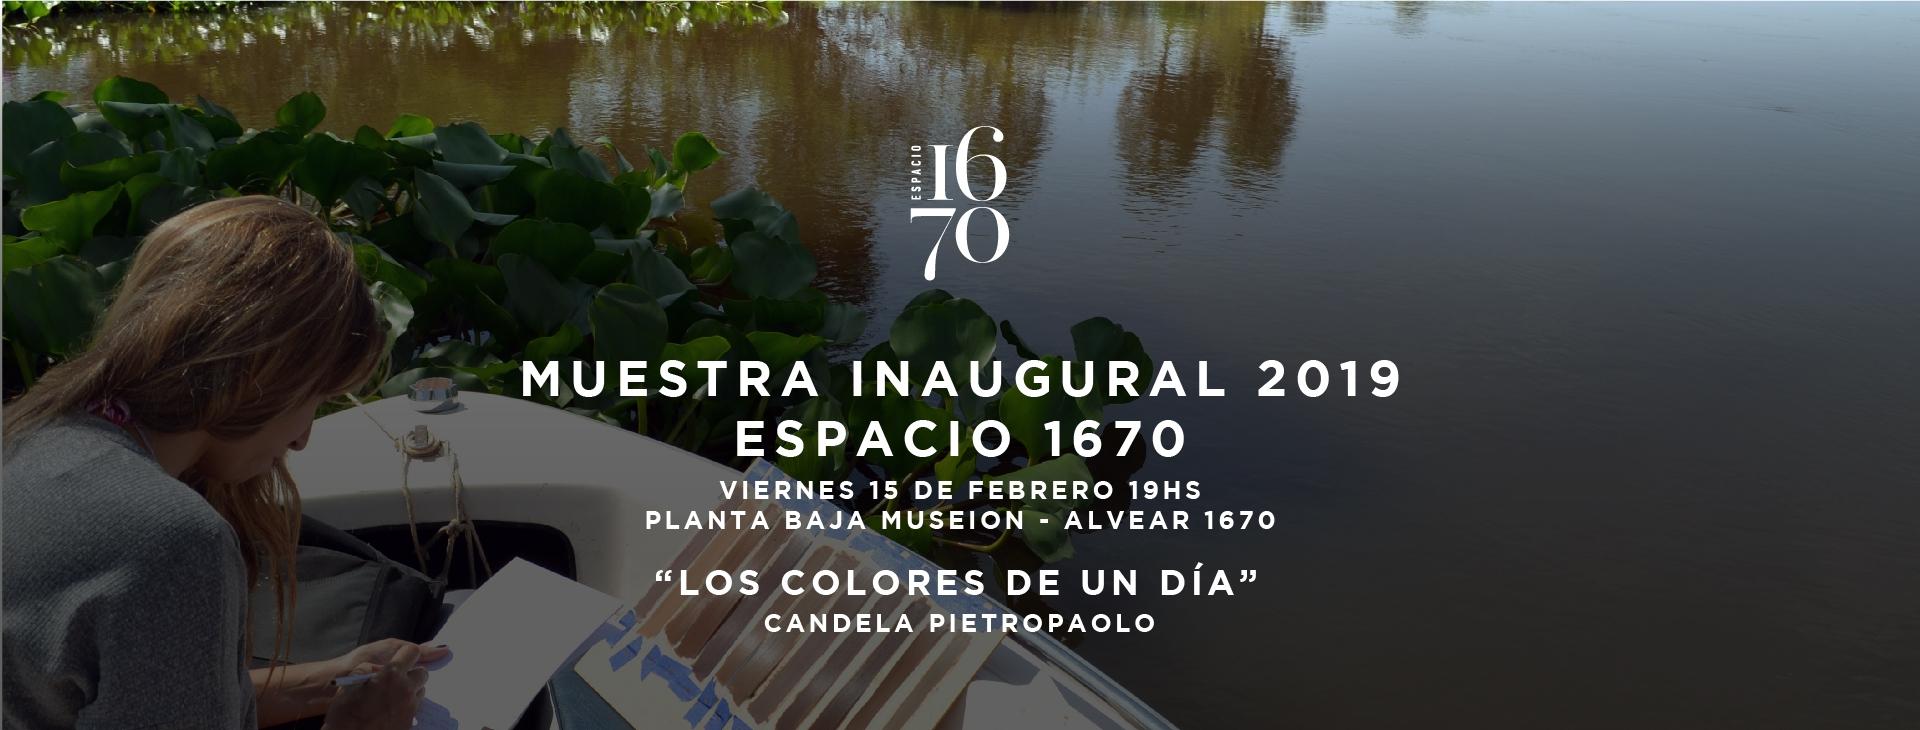 """Espacio 1670 - 1º Muestra 2019 """"Los Colores de un Día"""" de Candela Pietropaolo"""